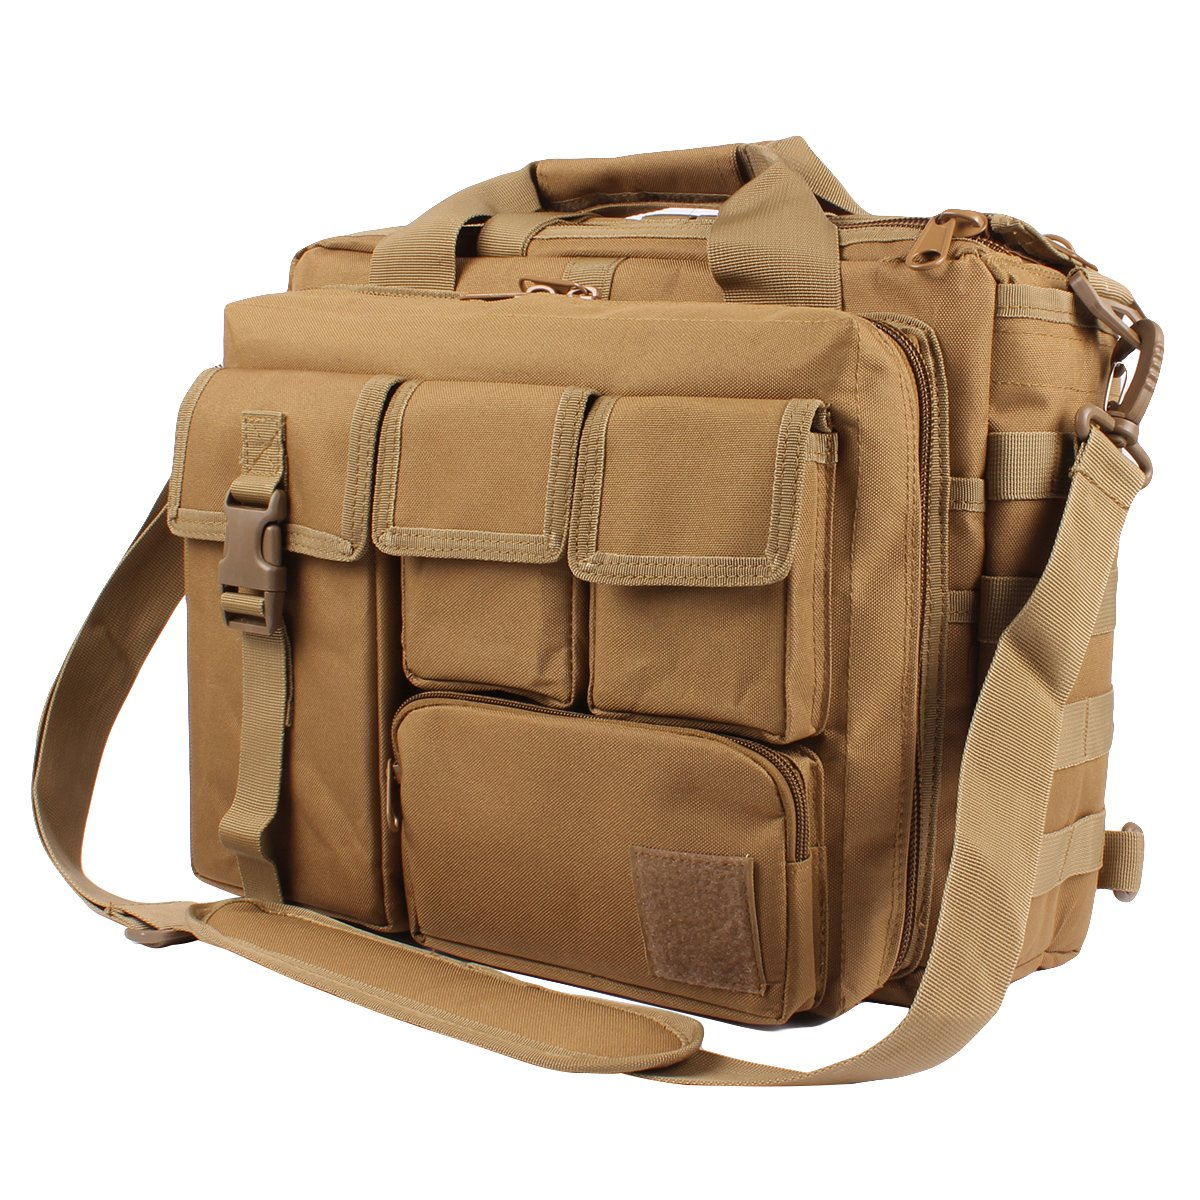 Black LTD 4328535660 GES CO GES Multifunction Mens Outdoor Tactical Nylon Shoulder Laptop Messenger Bag Briefcase Handbags Large Enough for 15.6 Laptop//Camera